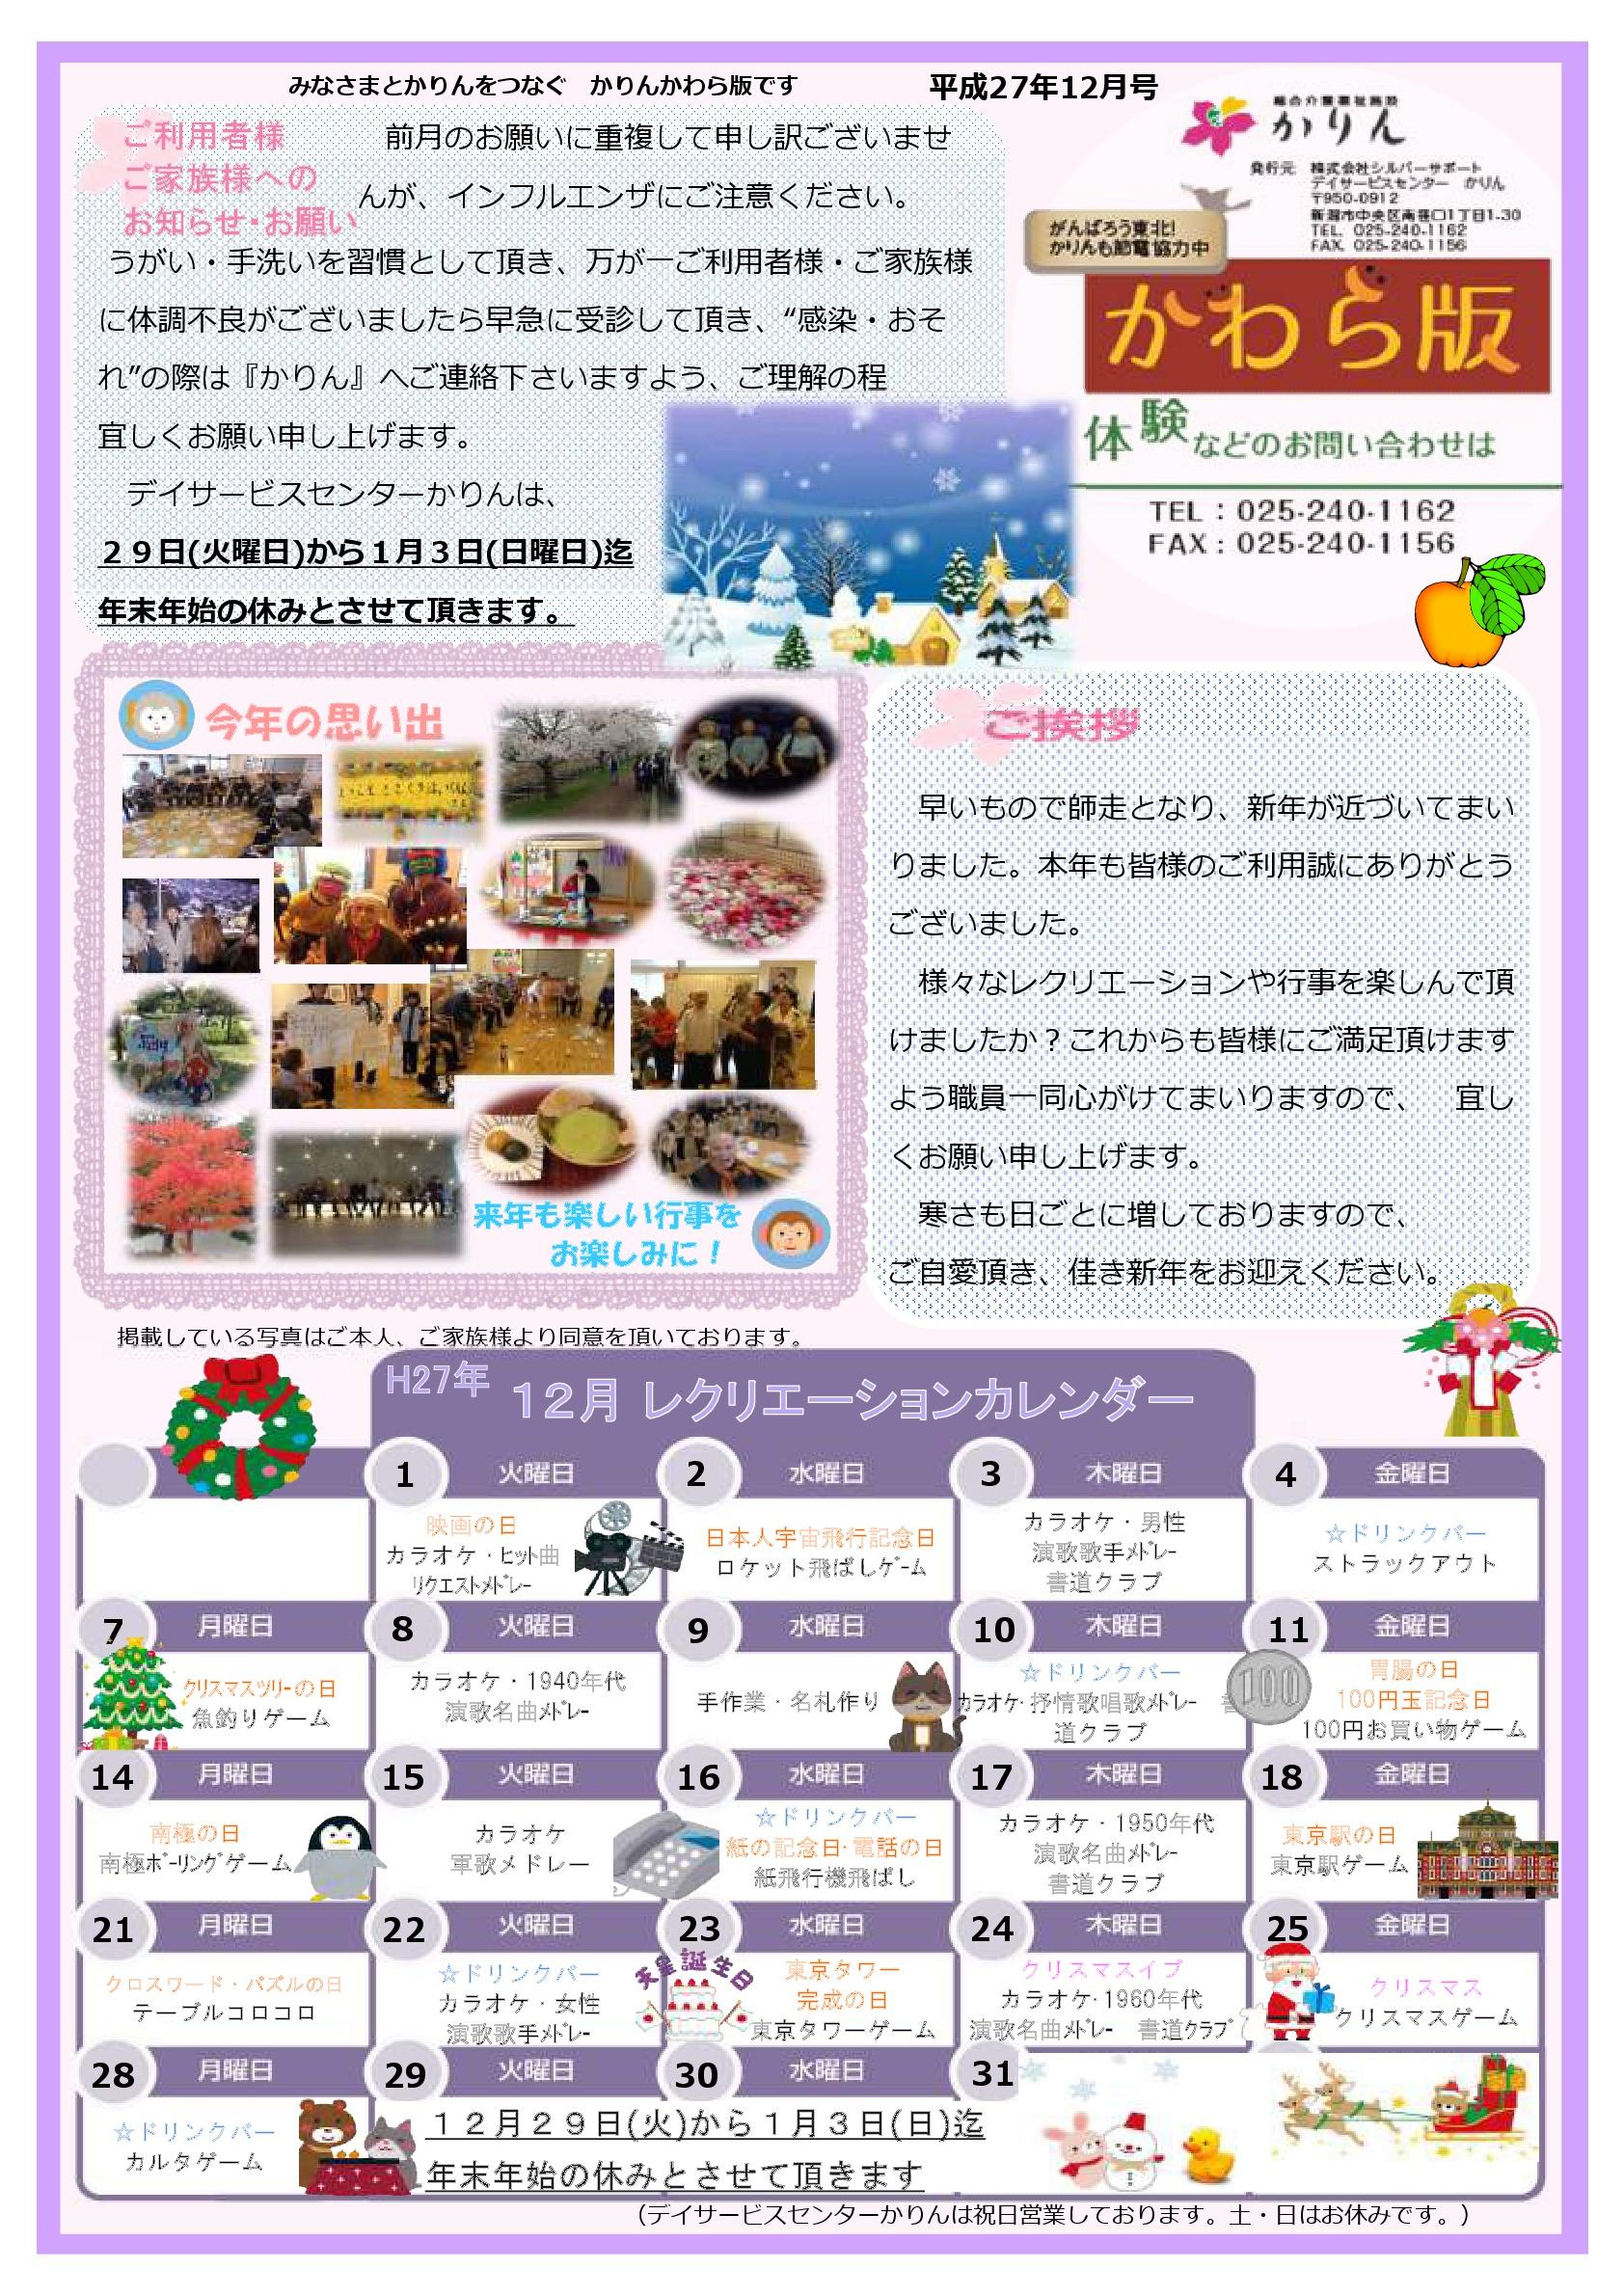 201512月かわら版「お寿司屋が来る!」表